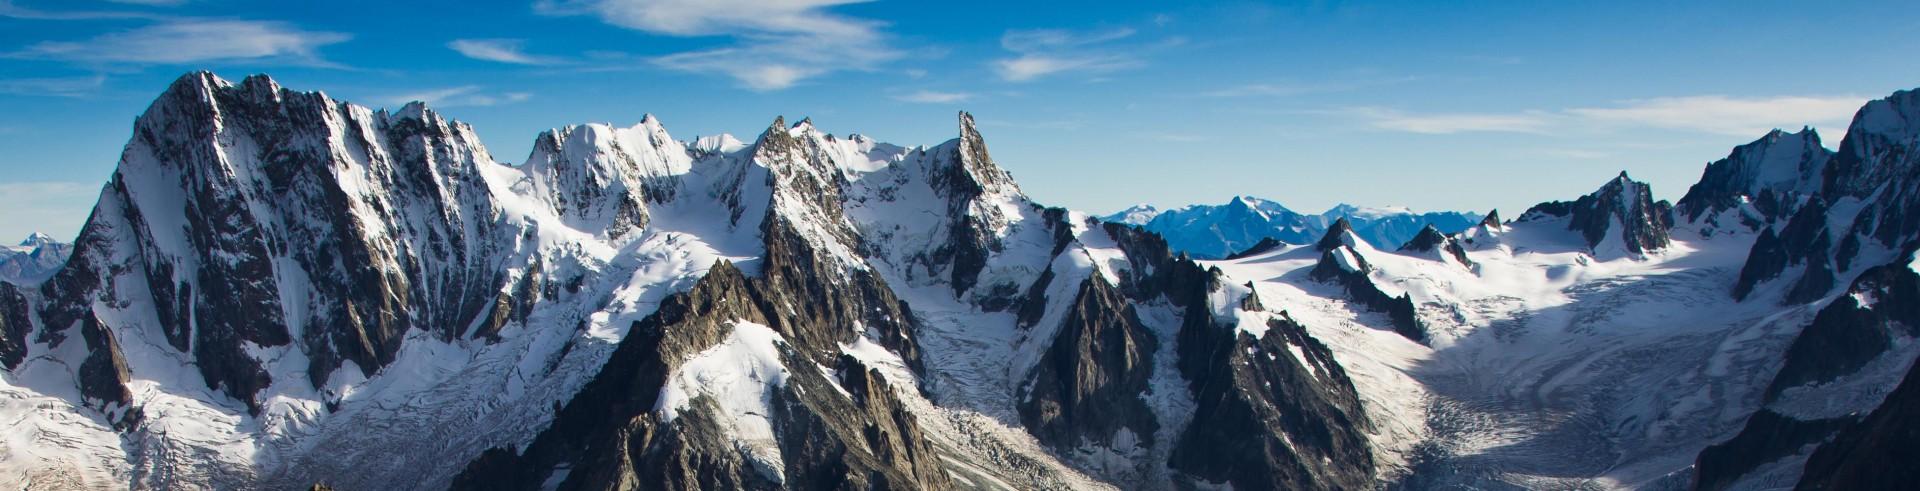 Die sechs großen Nordwände der Alpen